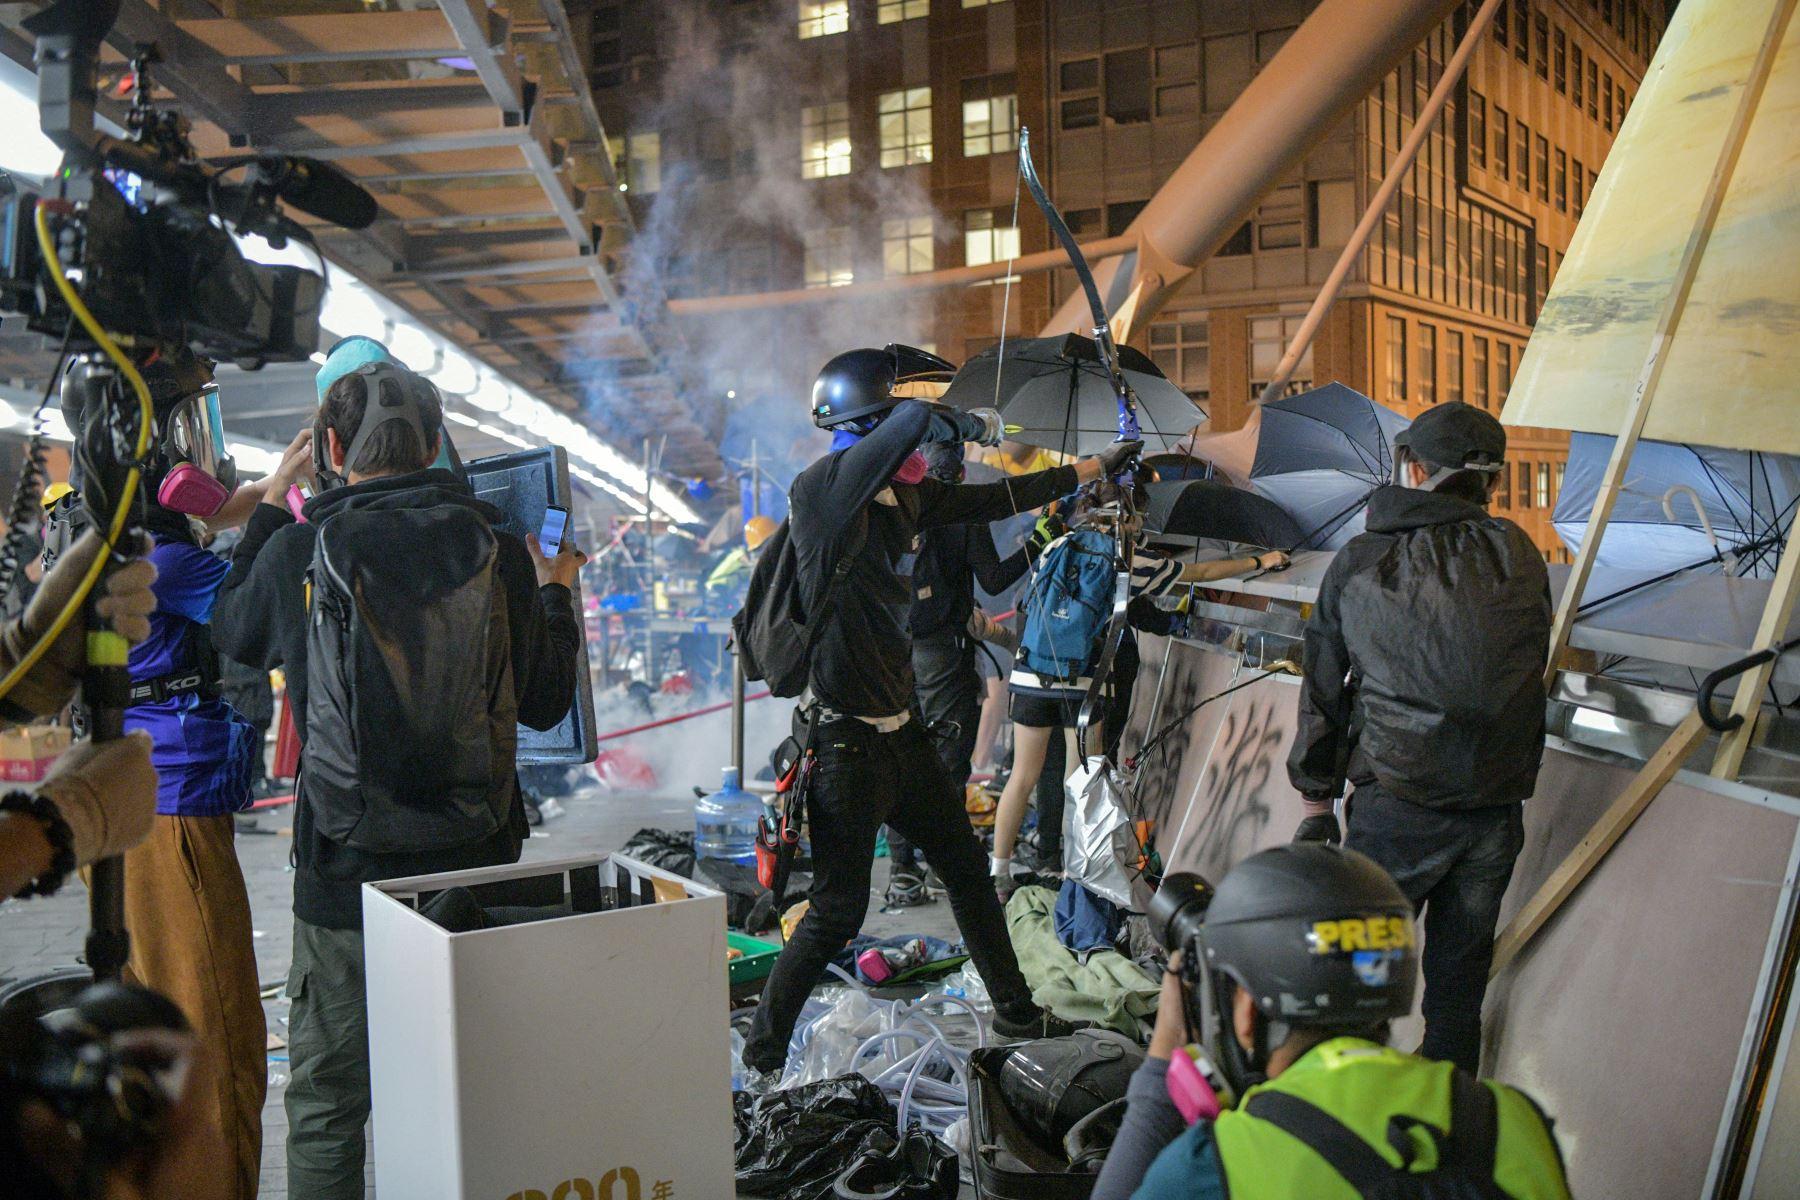 Durante todo el día, la policía usó gases lacrimógenos y cañones de agua desde los que disparaban tinta azul con el objetivo de identificar con más facilidad a los manifestantes. Foto: AFP